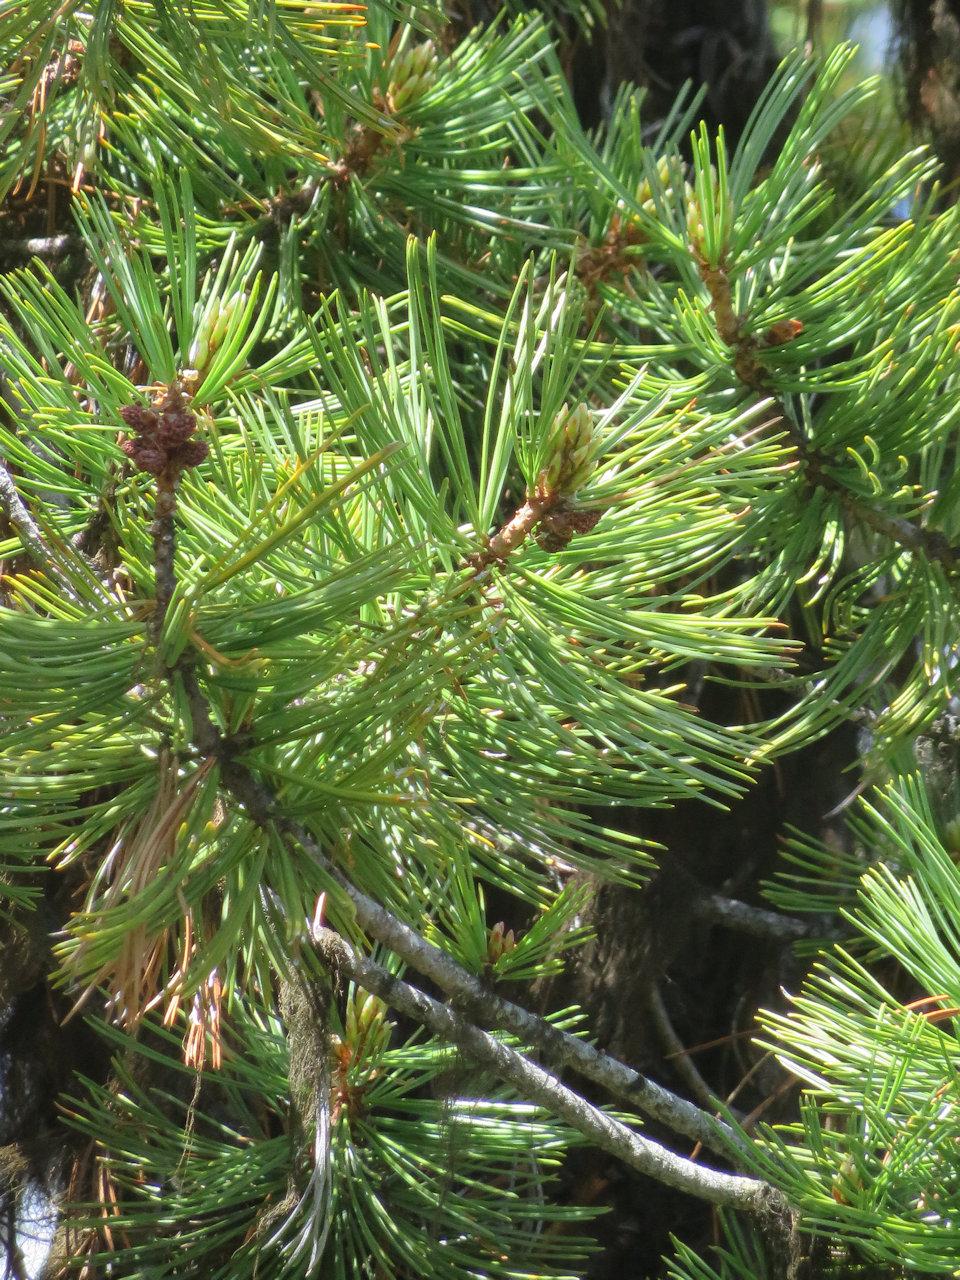 Whitebark Pine Closeup, 2016 - W. K. Walker